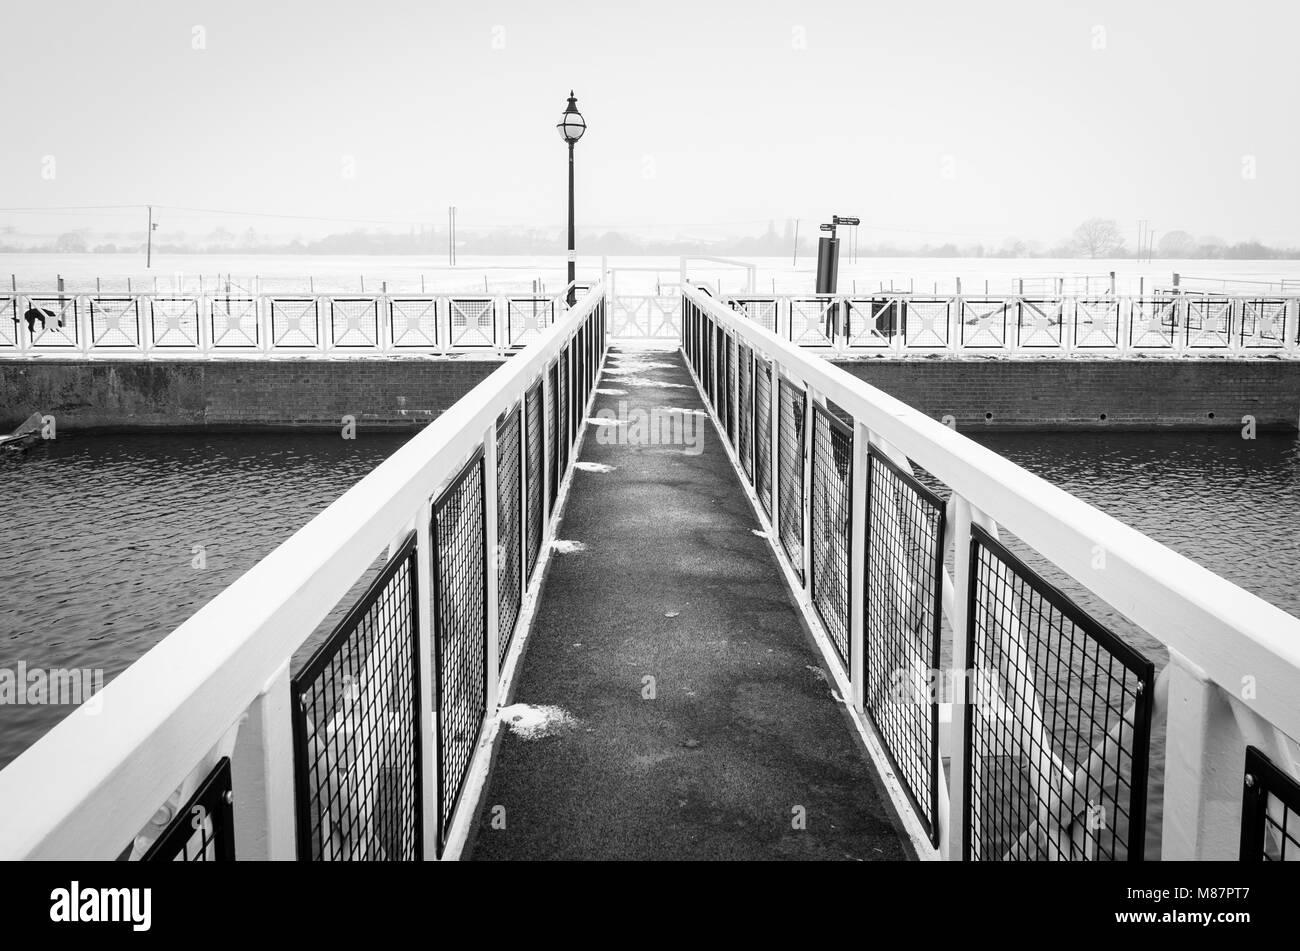 Brücke über den Fluss Avon im Winter Stockbild